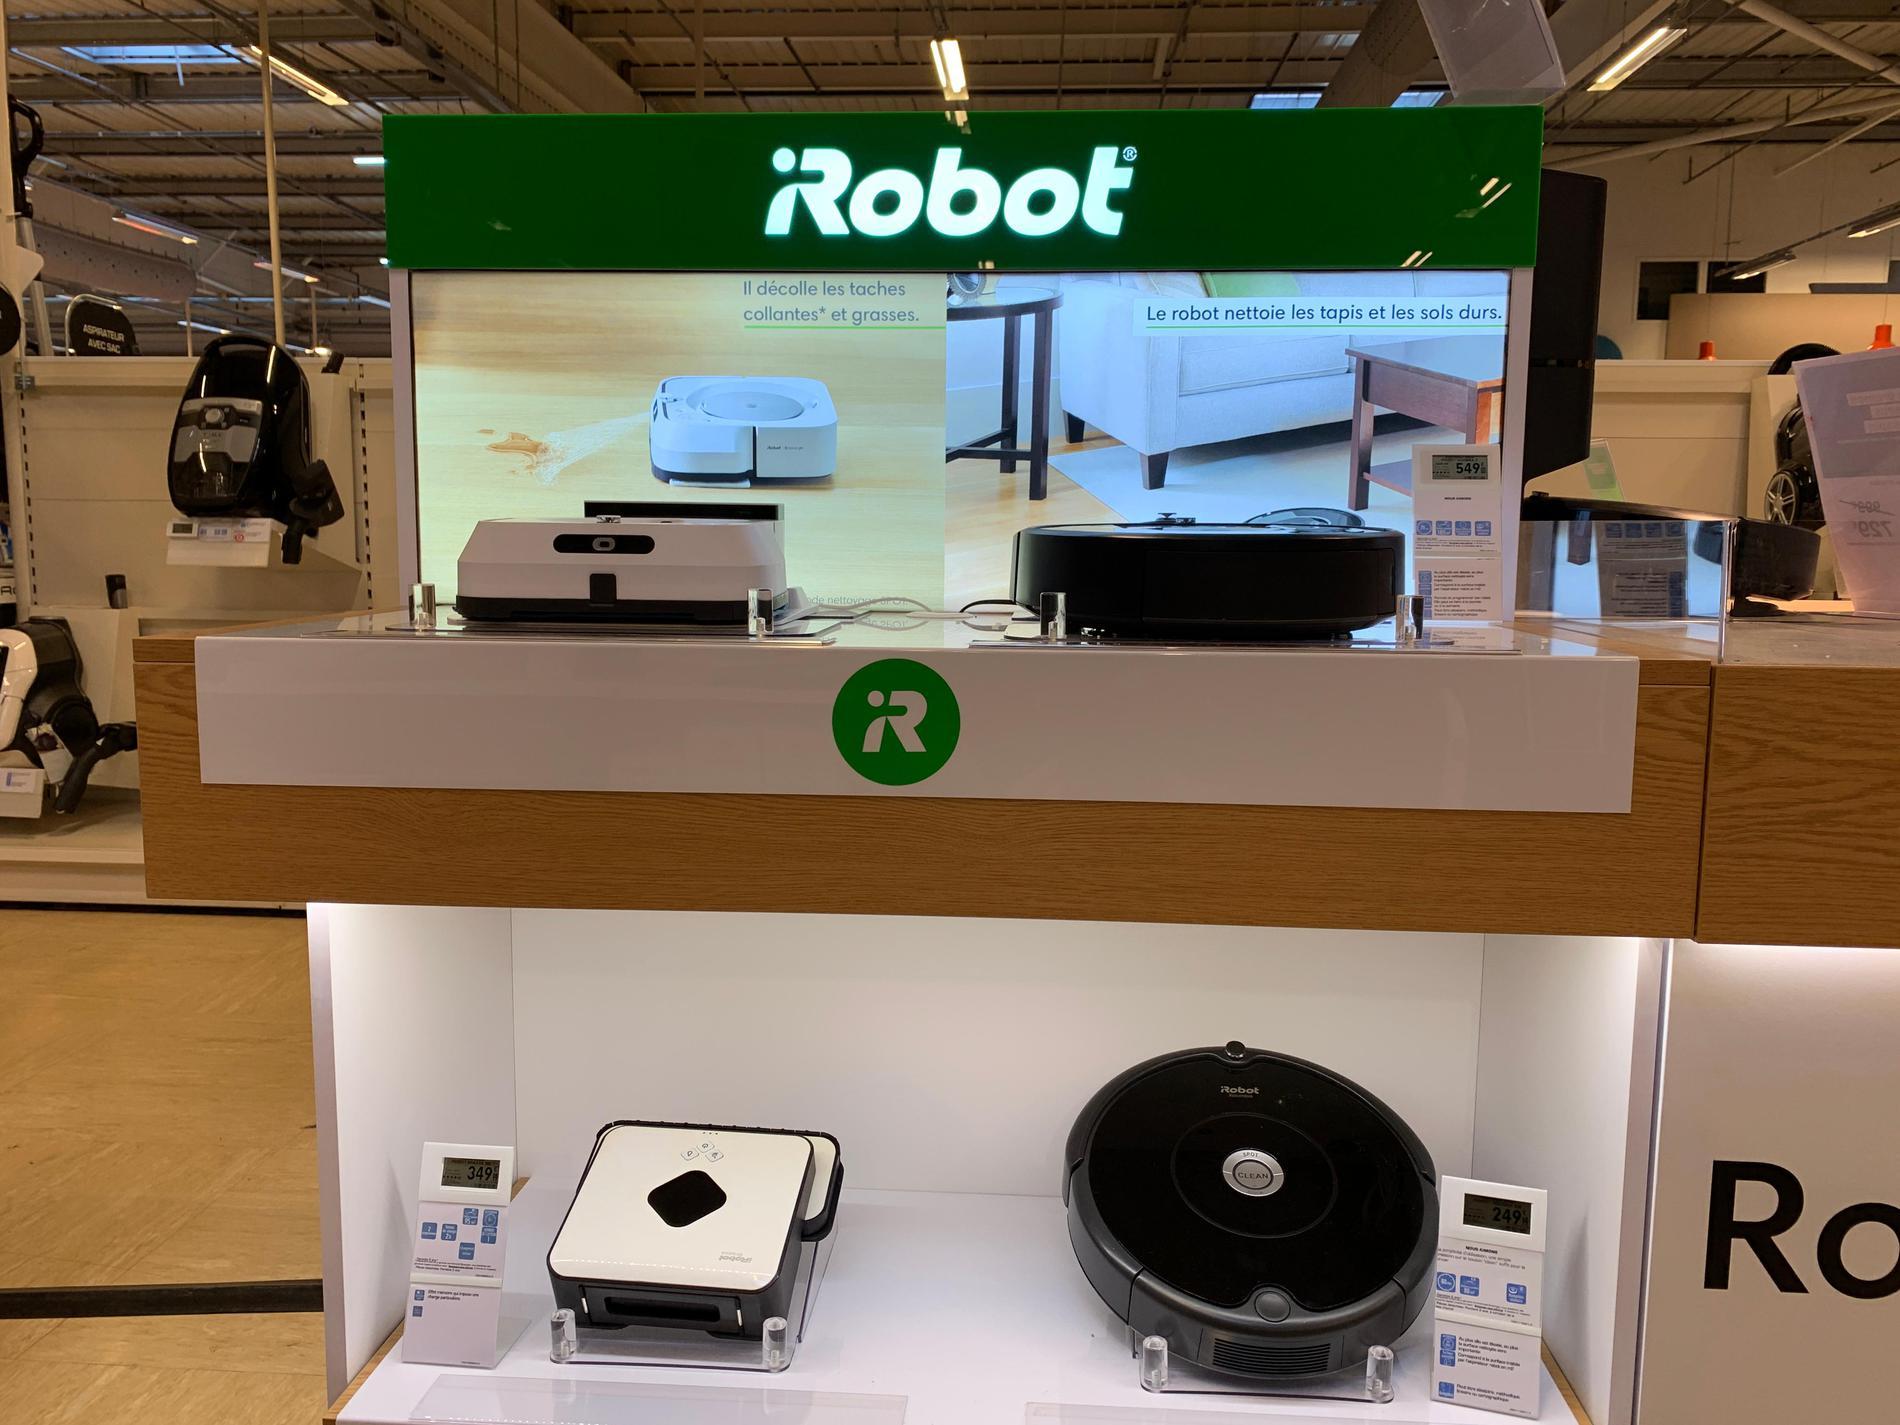 Espace iRobot - Boulanger Toulouse - Colomiers - Magasin Boulanger Toulouse - Colomiers